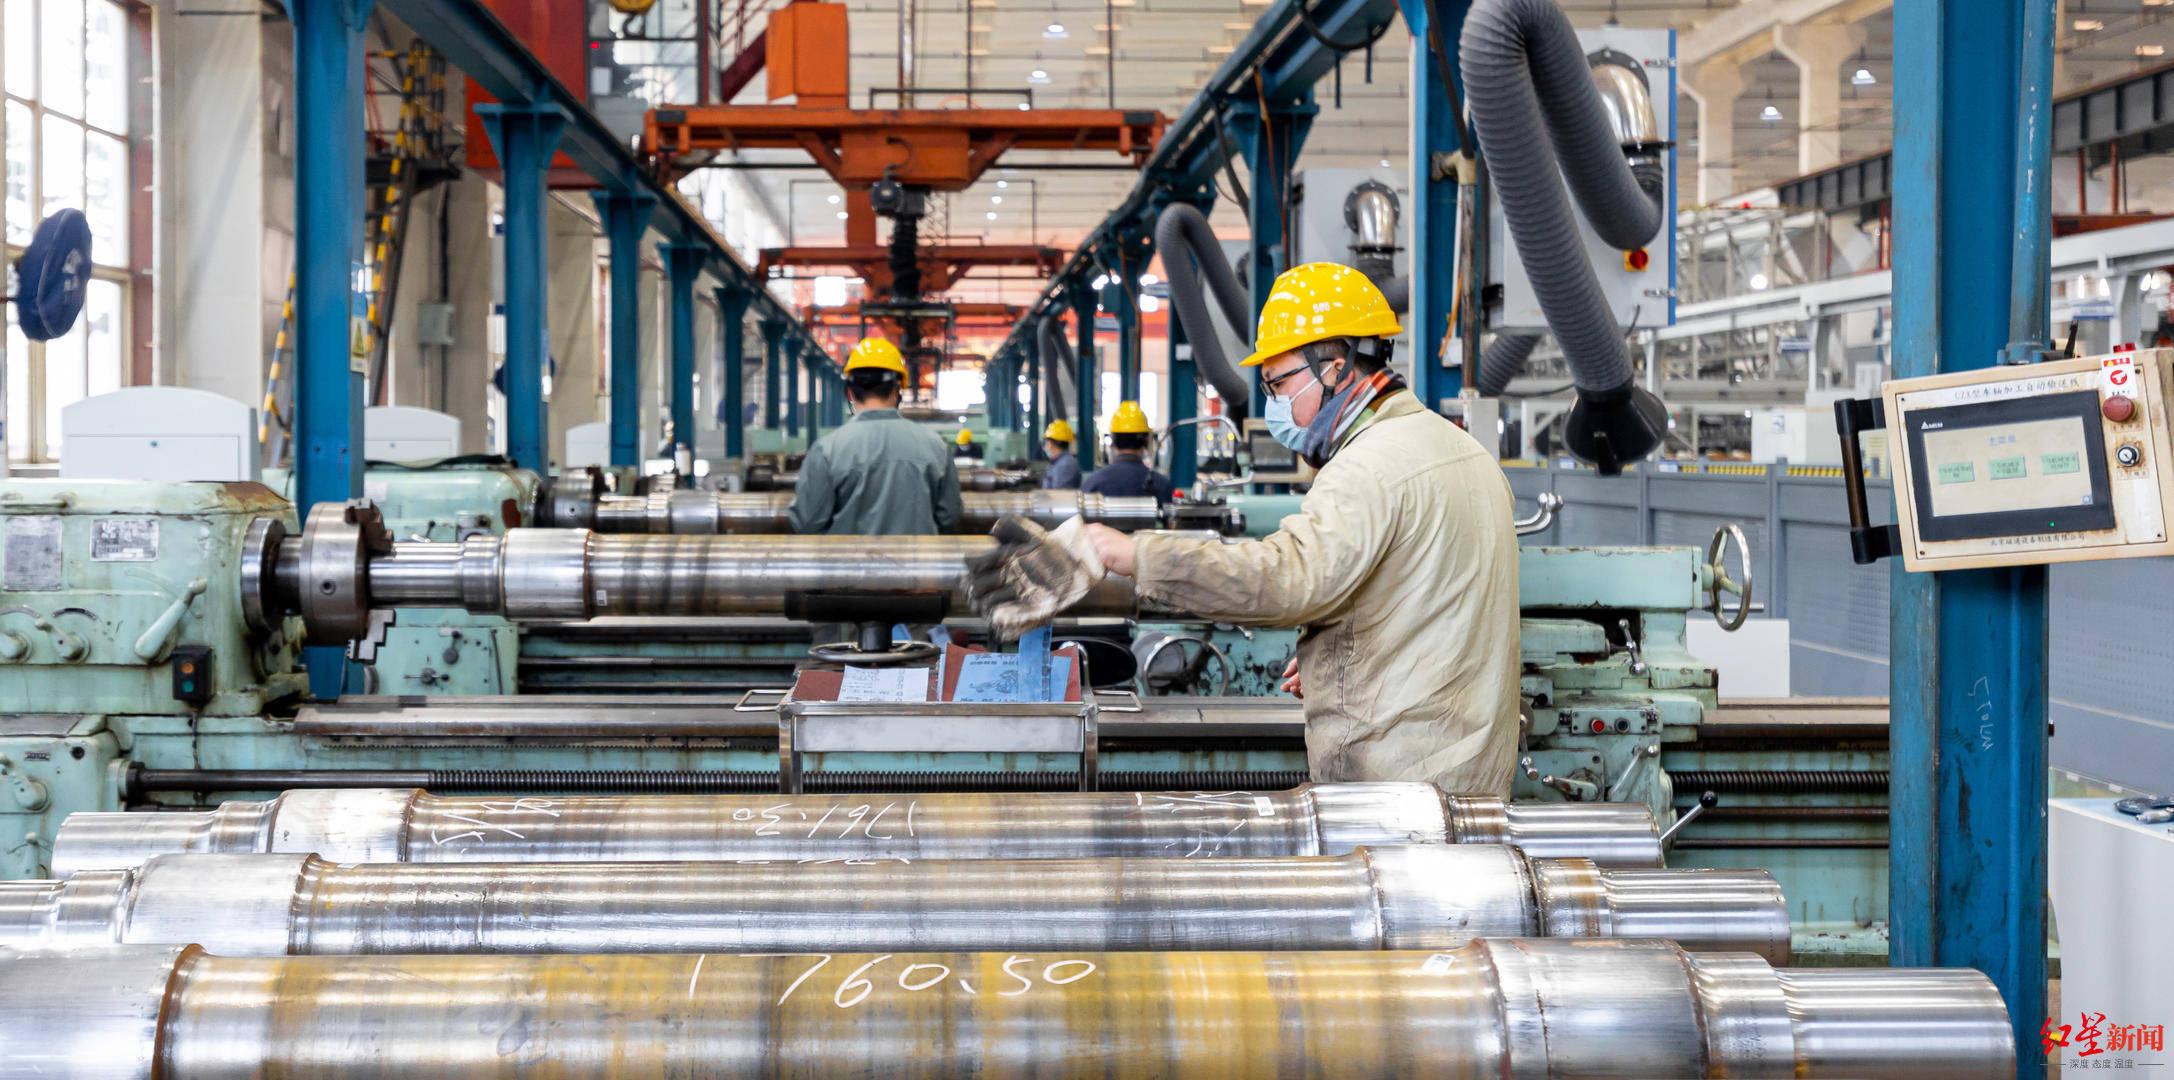 """列车""""黑科技""""上新保障春运:车轮生产全流程自动化,精度微米级"""